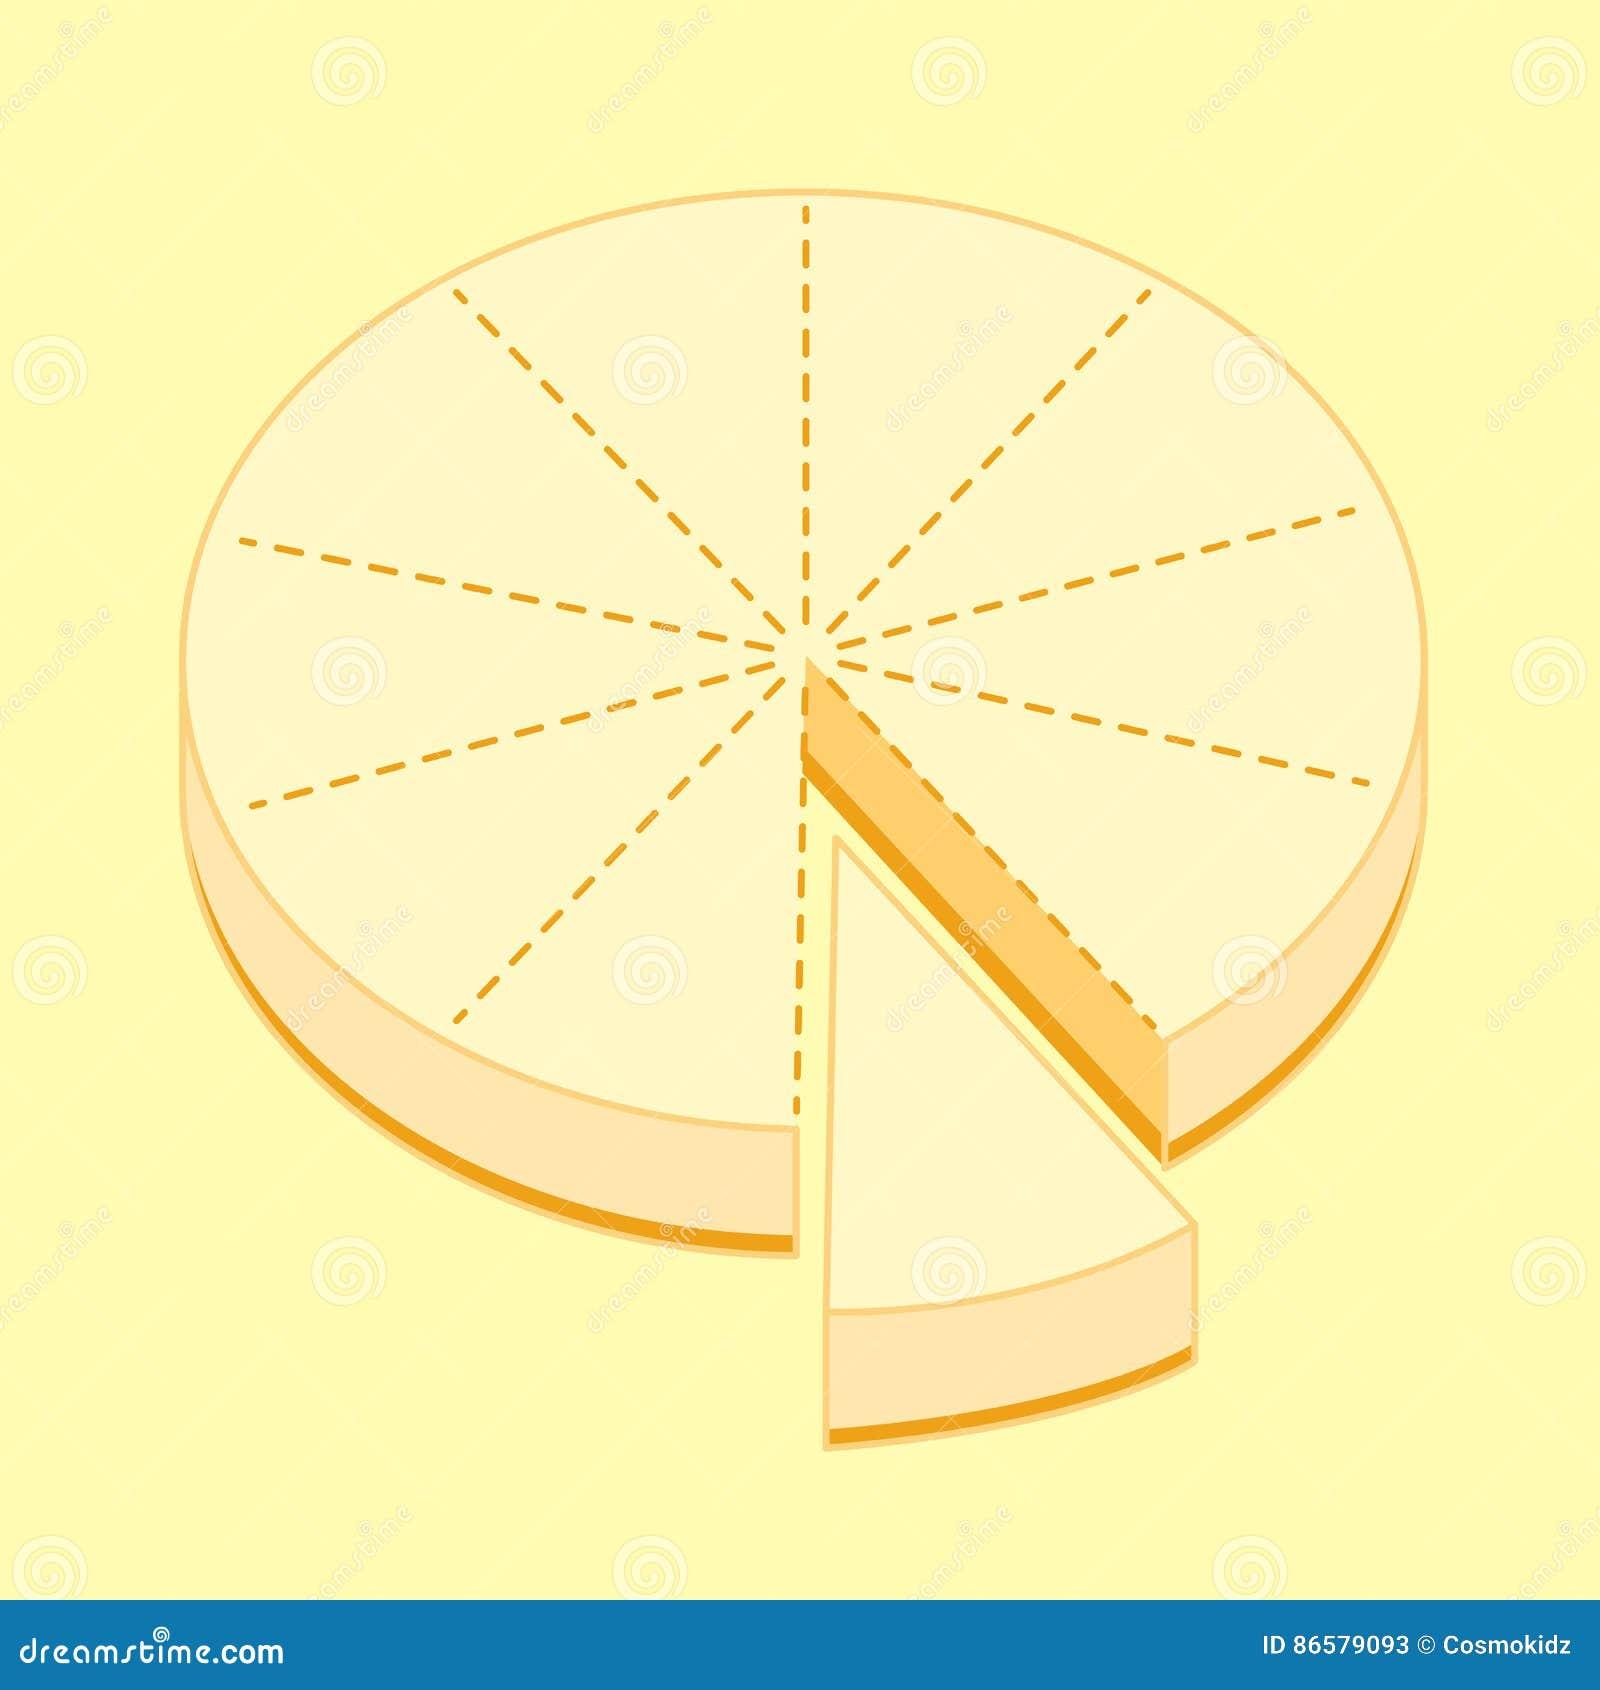 La torta di formaggio dieci pezzi divide lo schema, illustrazione di schizzo